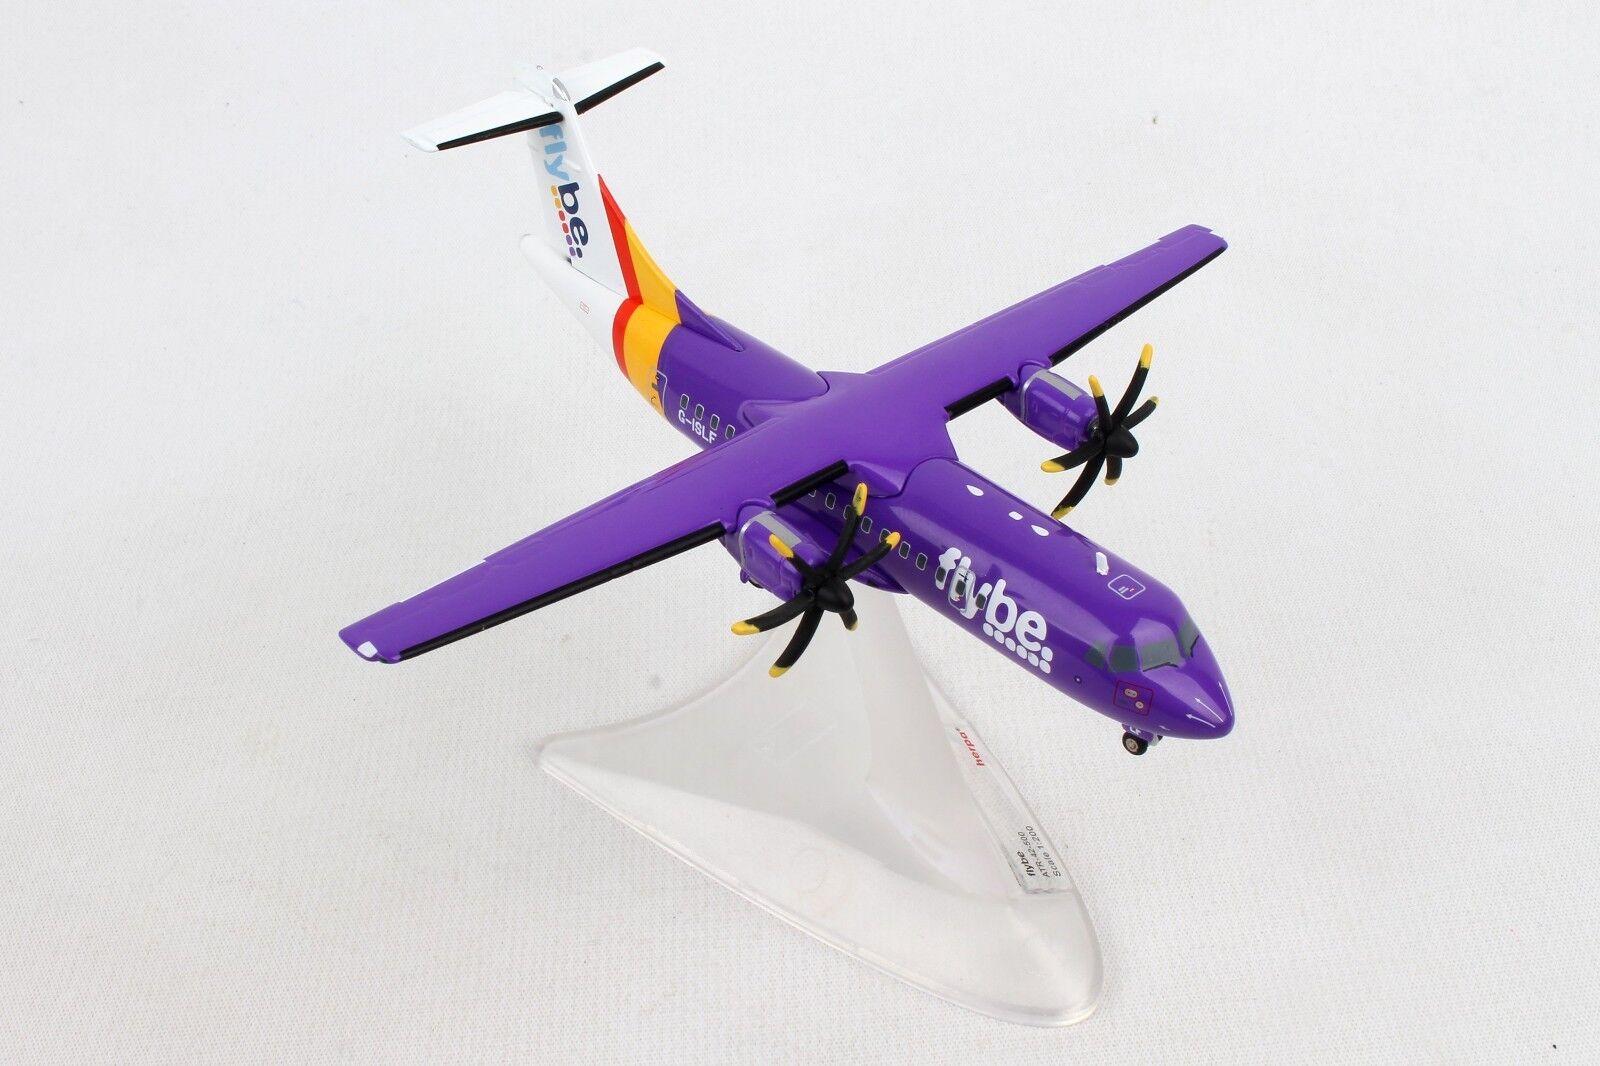 HE559256 HERPA WINGS FLYBE ATR-42-500 1 200 DIE-CAST MODEL AIRPLANE G-ISLF